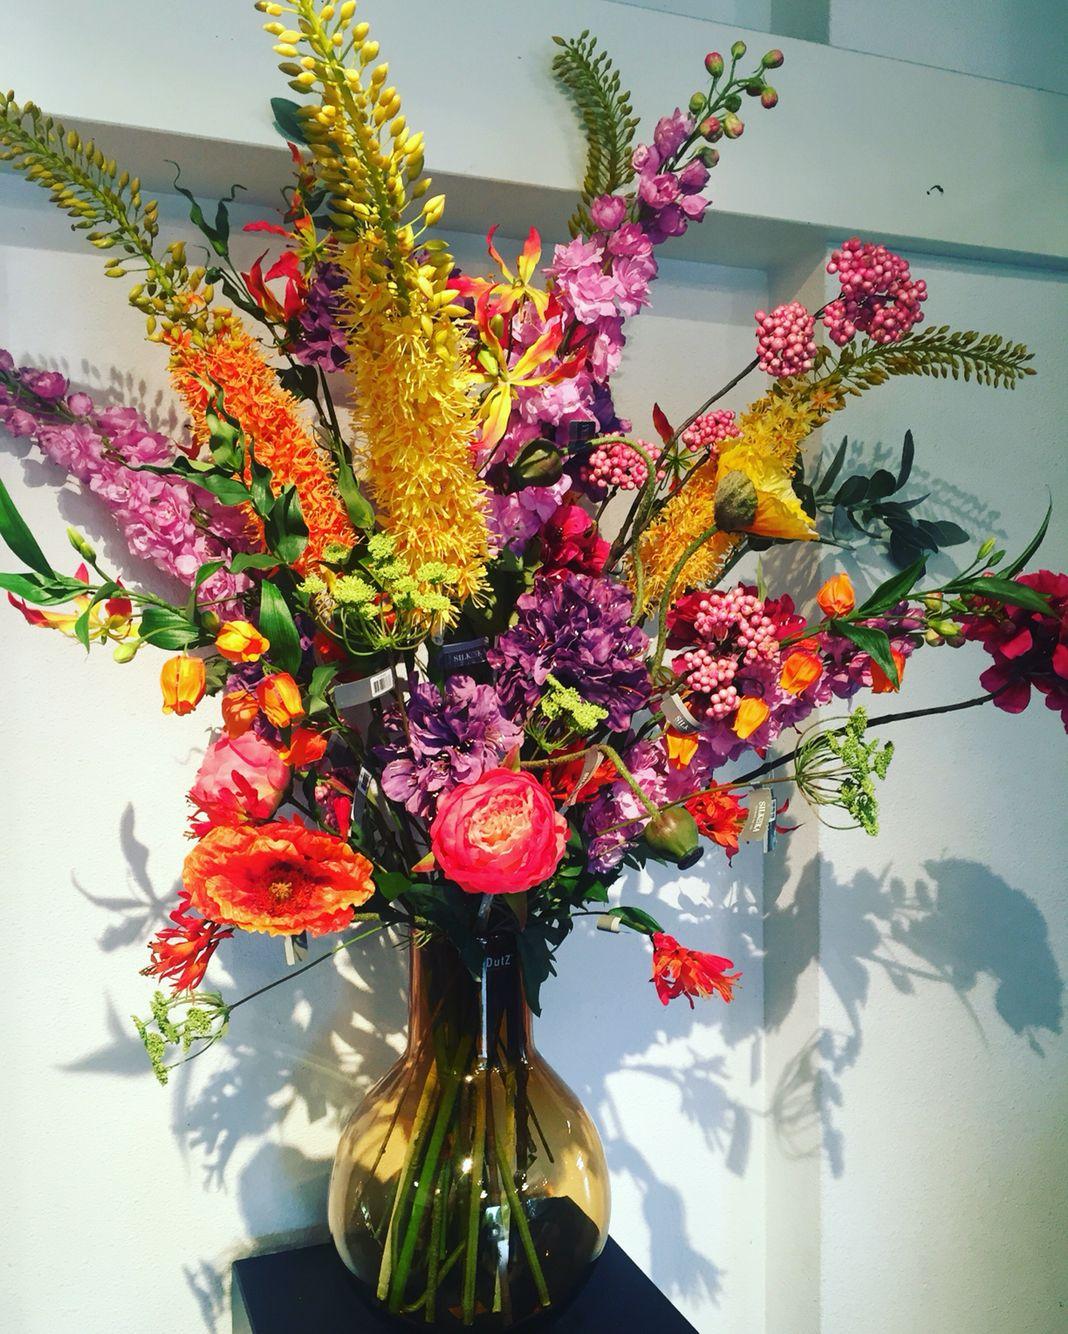 Hoe mooi is dit silk ka flowers for life bloemen pinterest silk ka flowers for life mightylinksfo